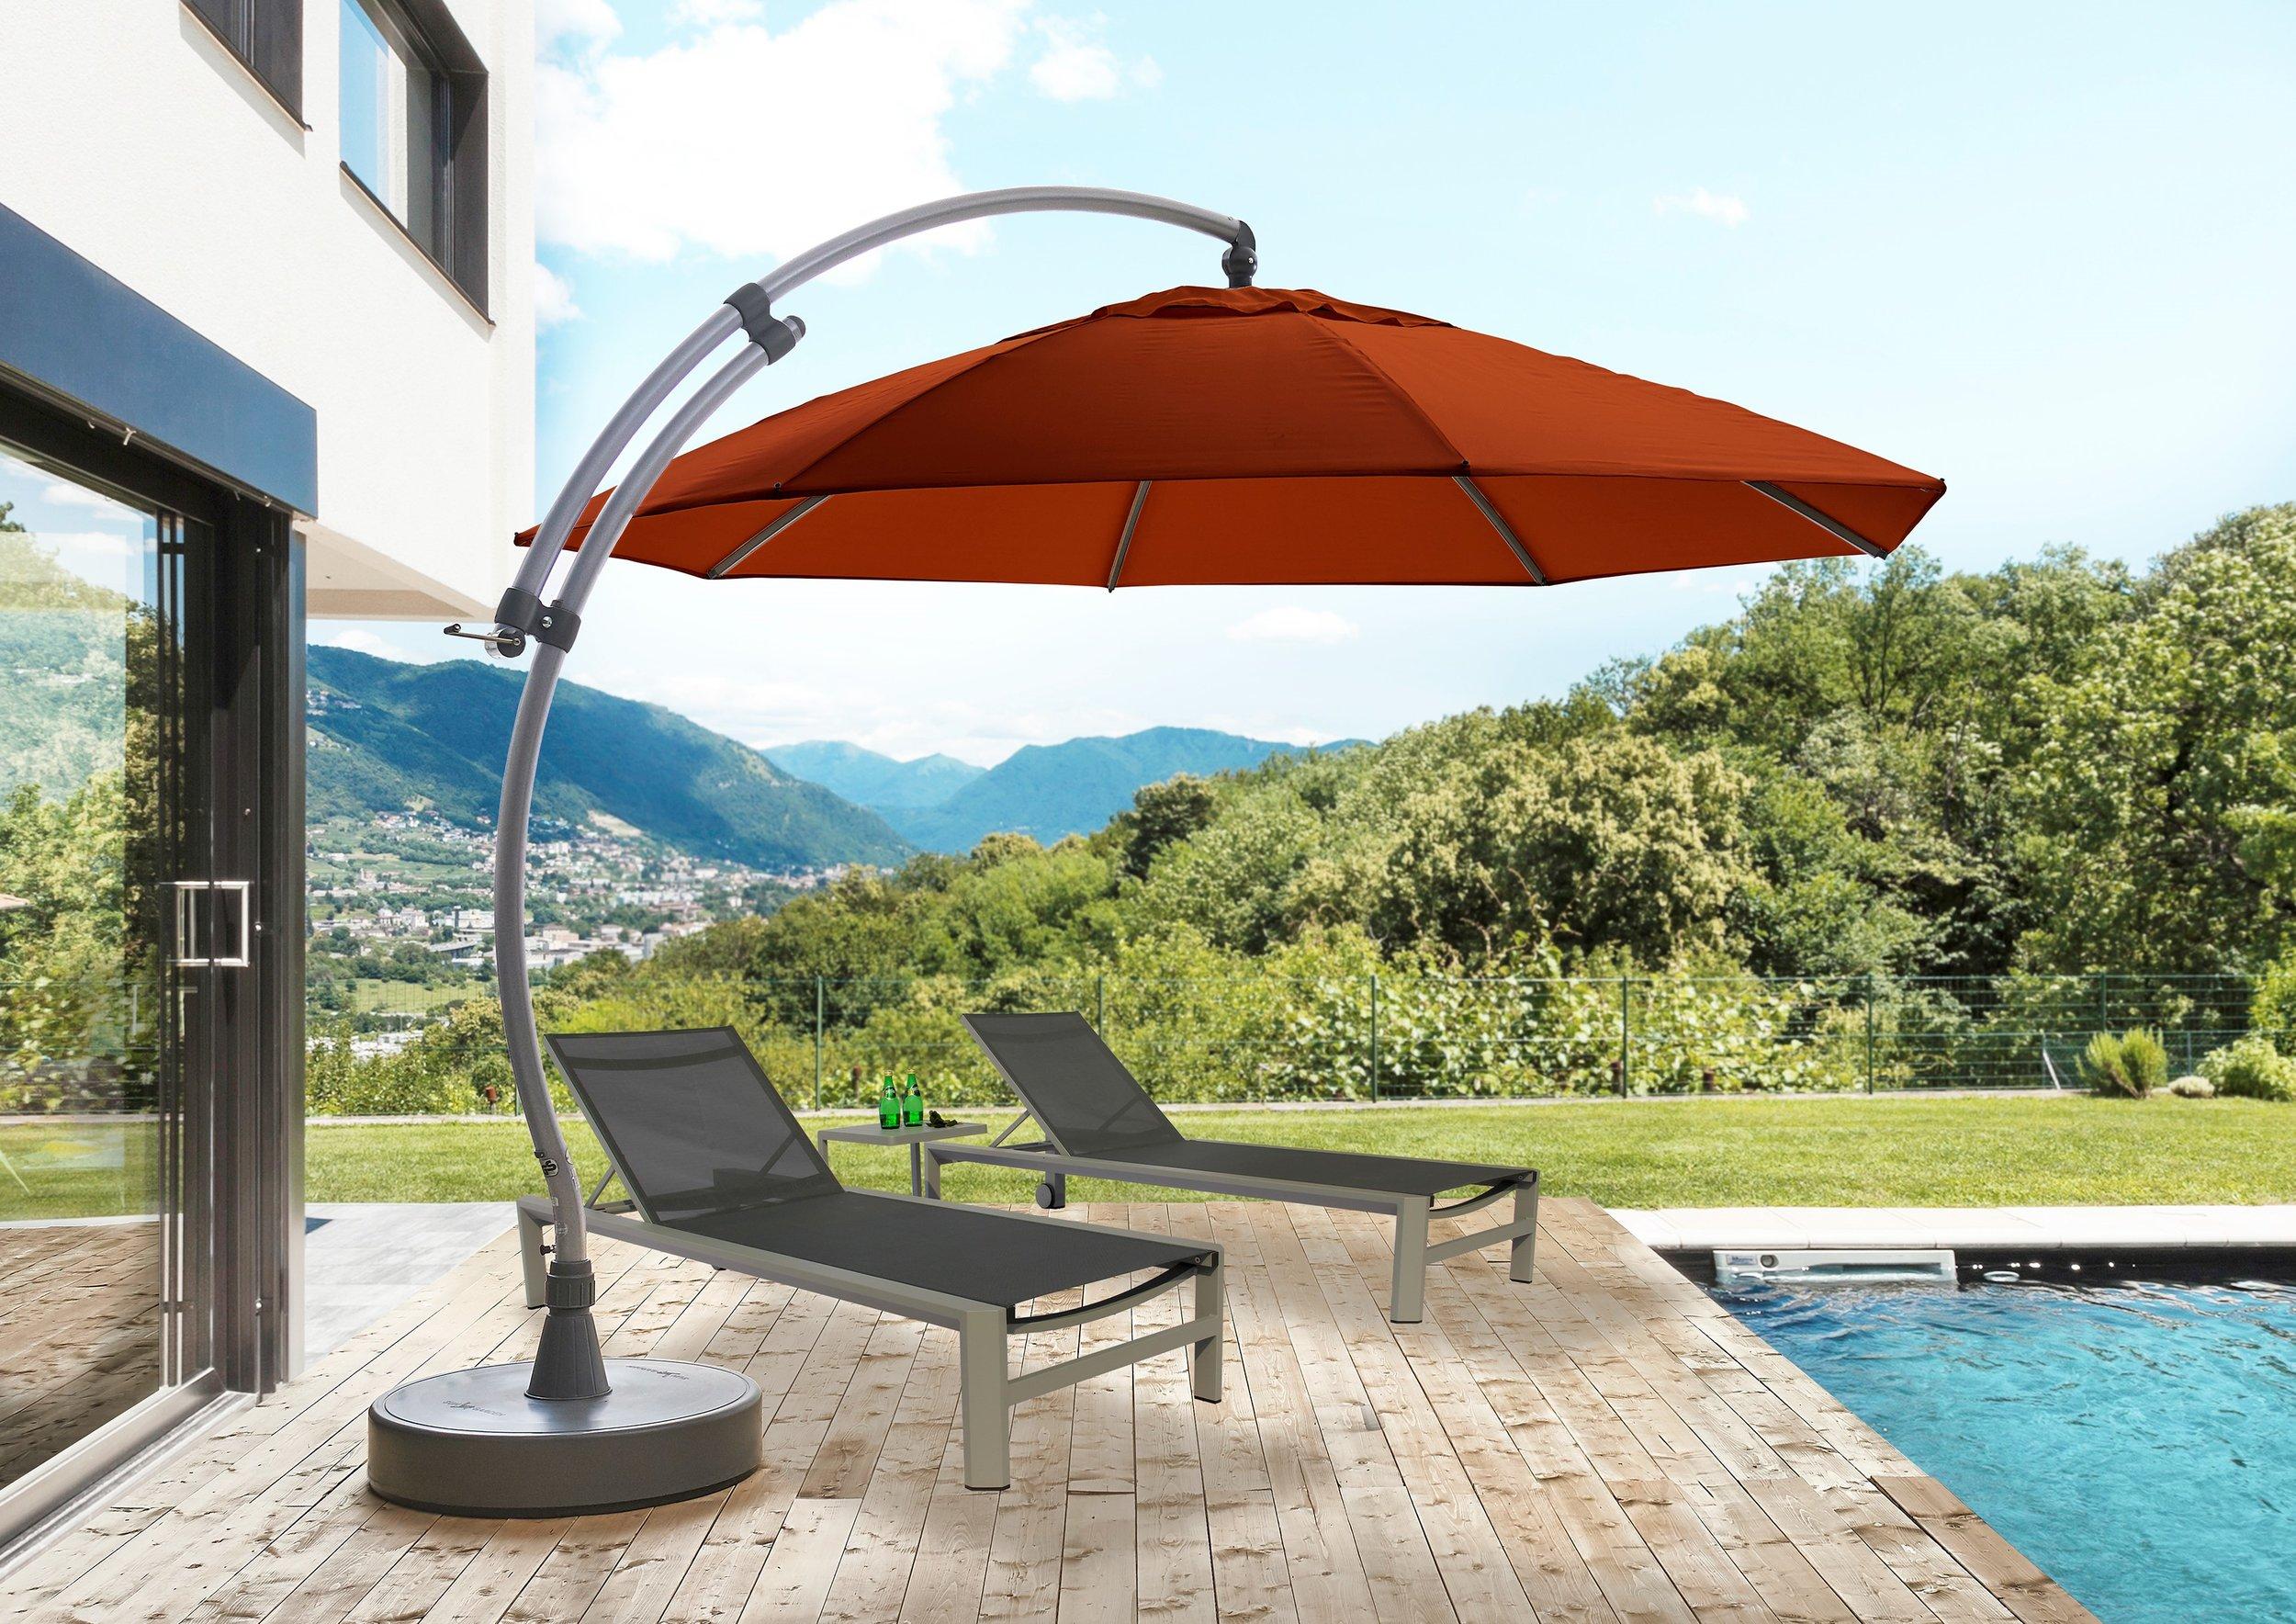 13' Curve Cantilever Patio Umbrella — SUN GARDEN USA Cantilever Umbrella